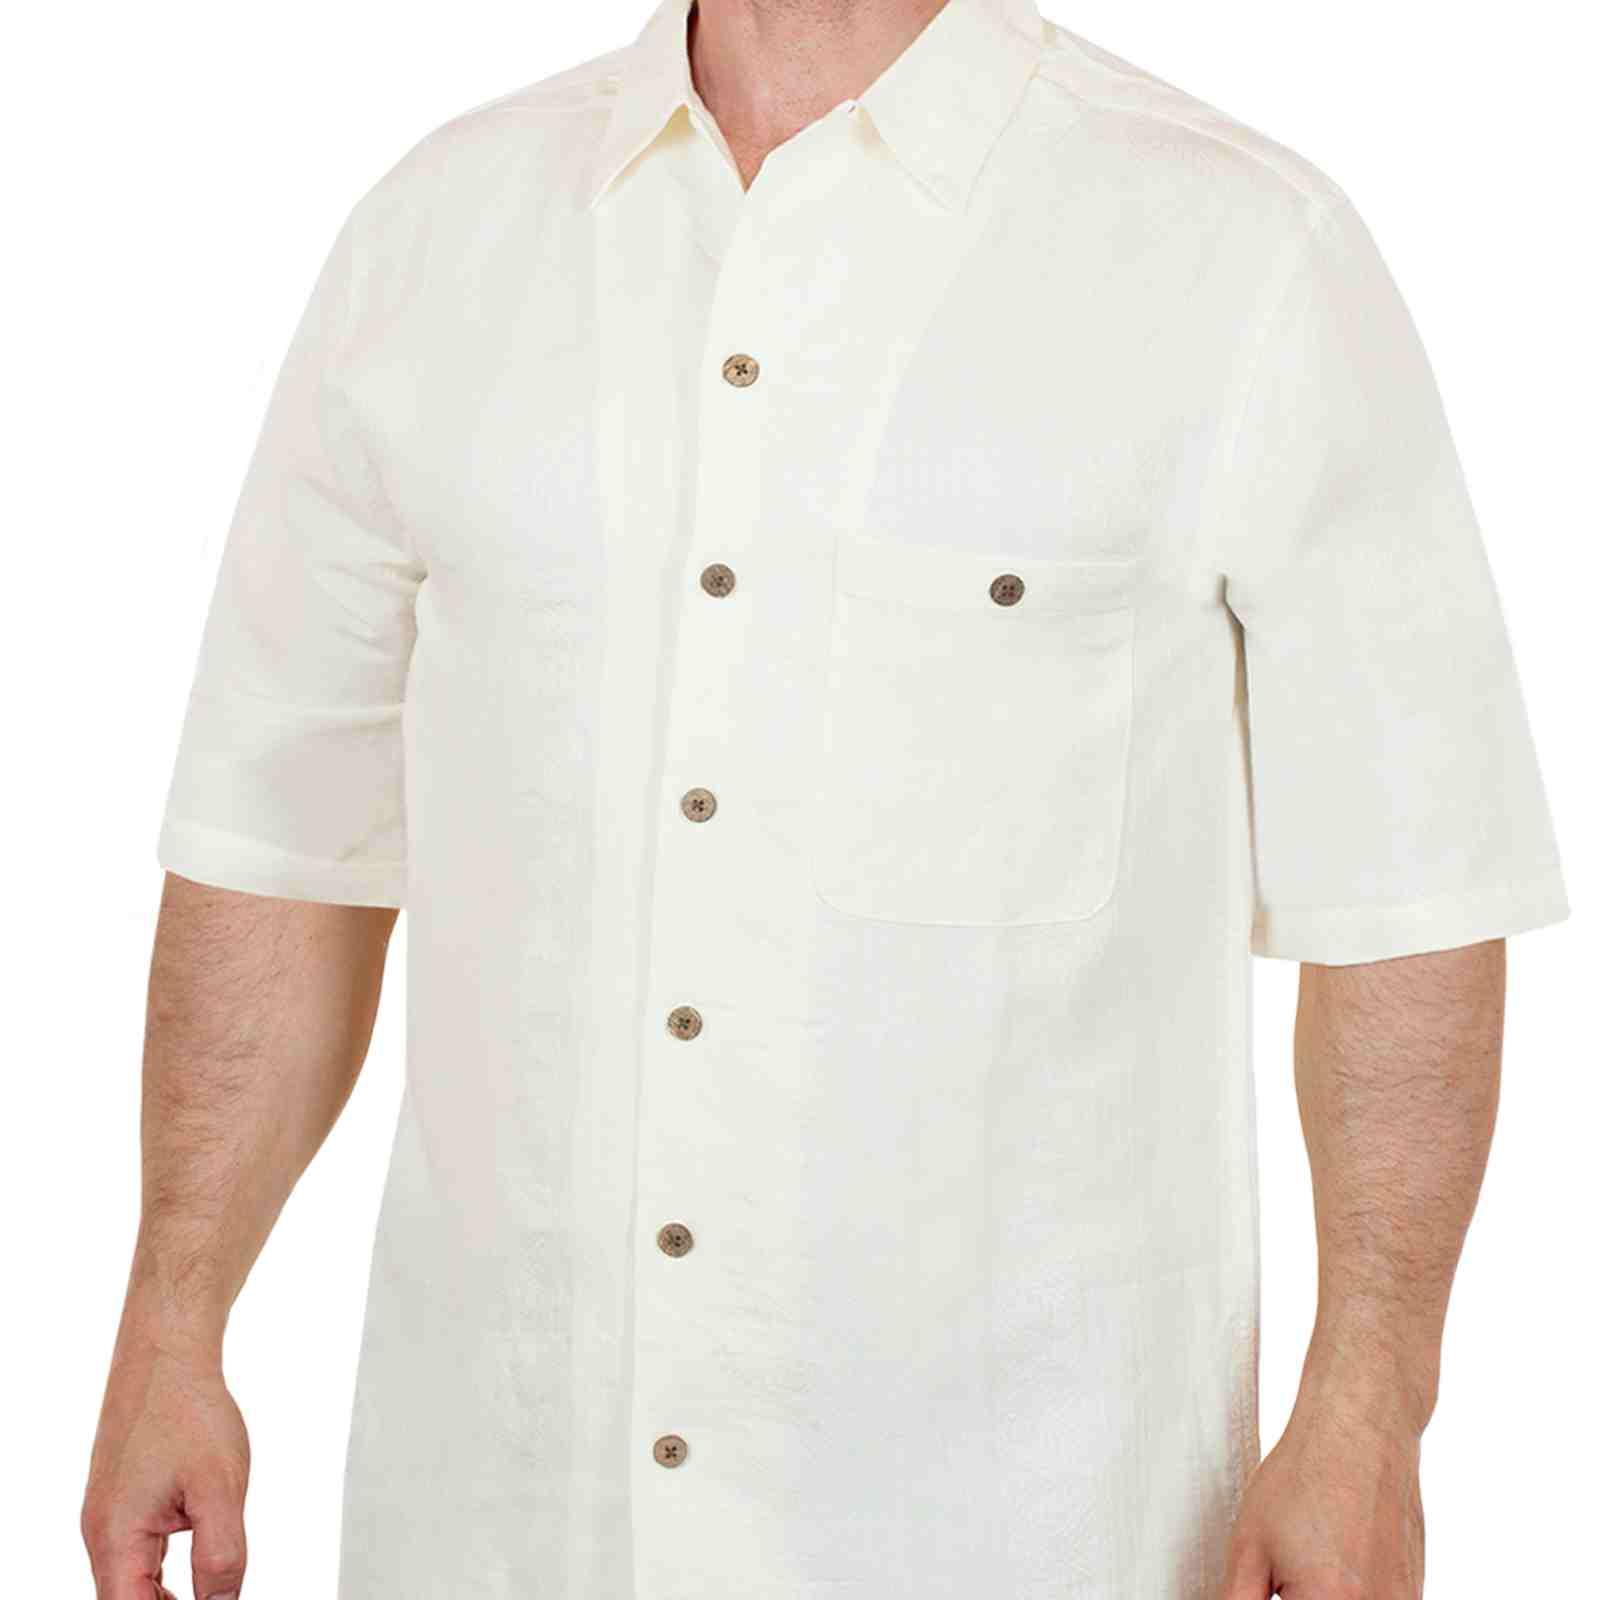 Брендовая летняя рубашка Caribbean Joe (США) для настоящих мужчин-главная